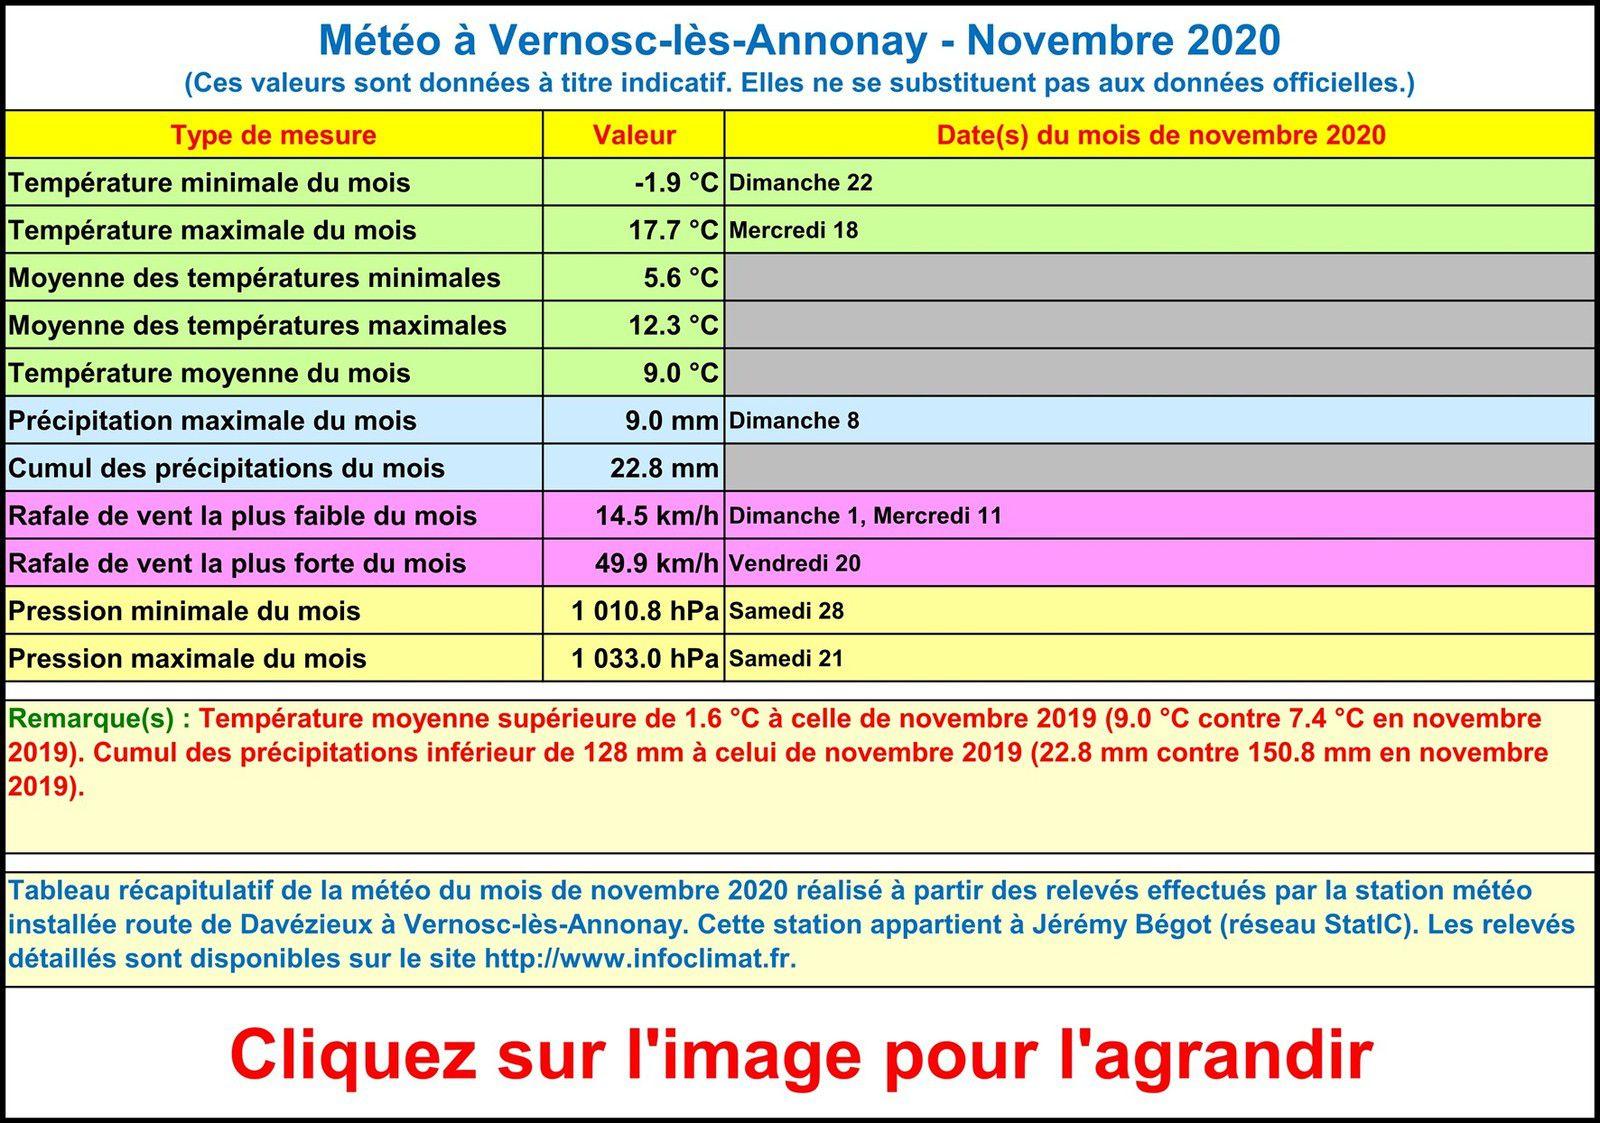 La météo à Vernosc-lès-Annonay - Novembre 2020